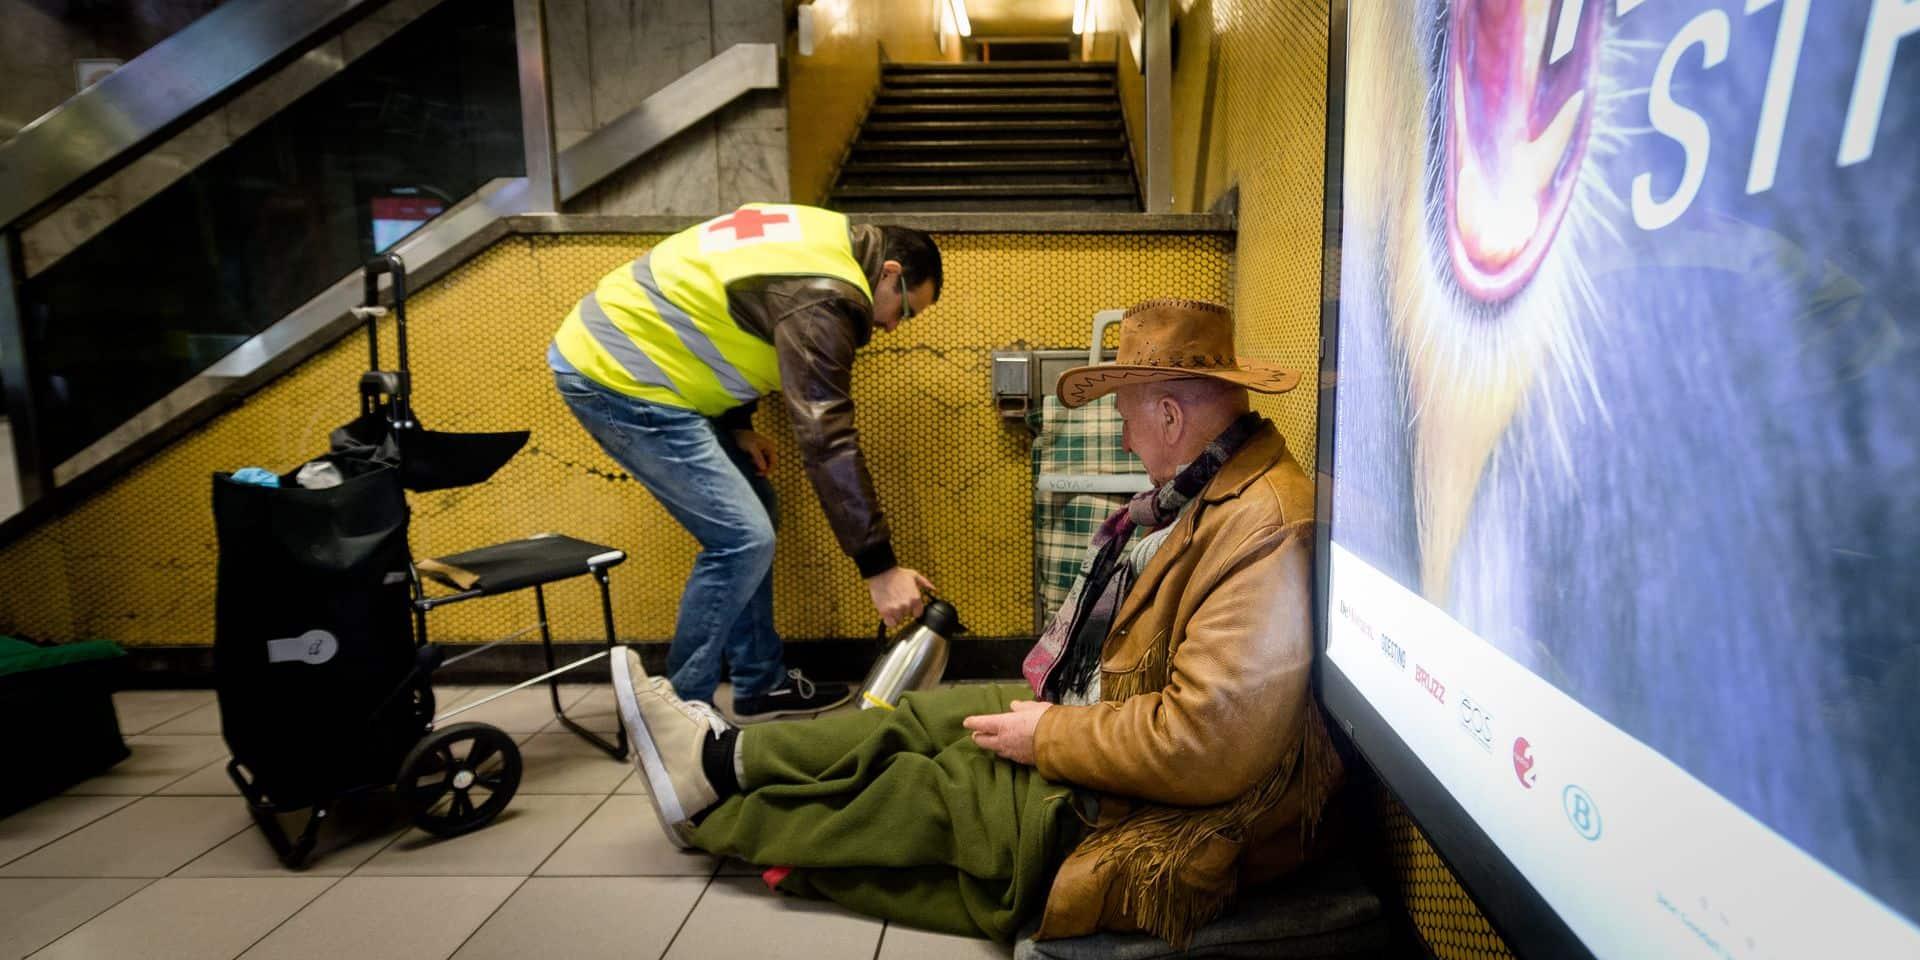 Bruxelles - Jette: Maraude sociale avec la croix-rouge de Jette - aide aux sans abris - pauvreté - sdf - croix rouge de belgique